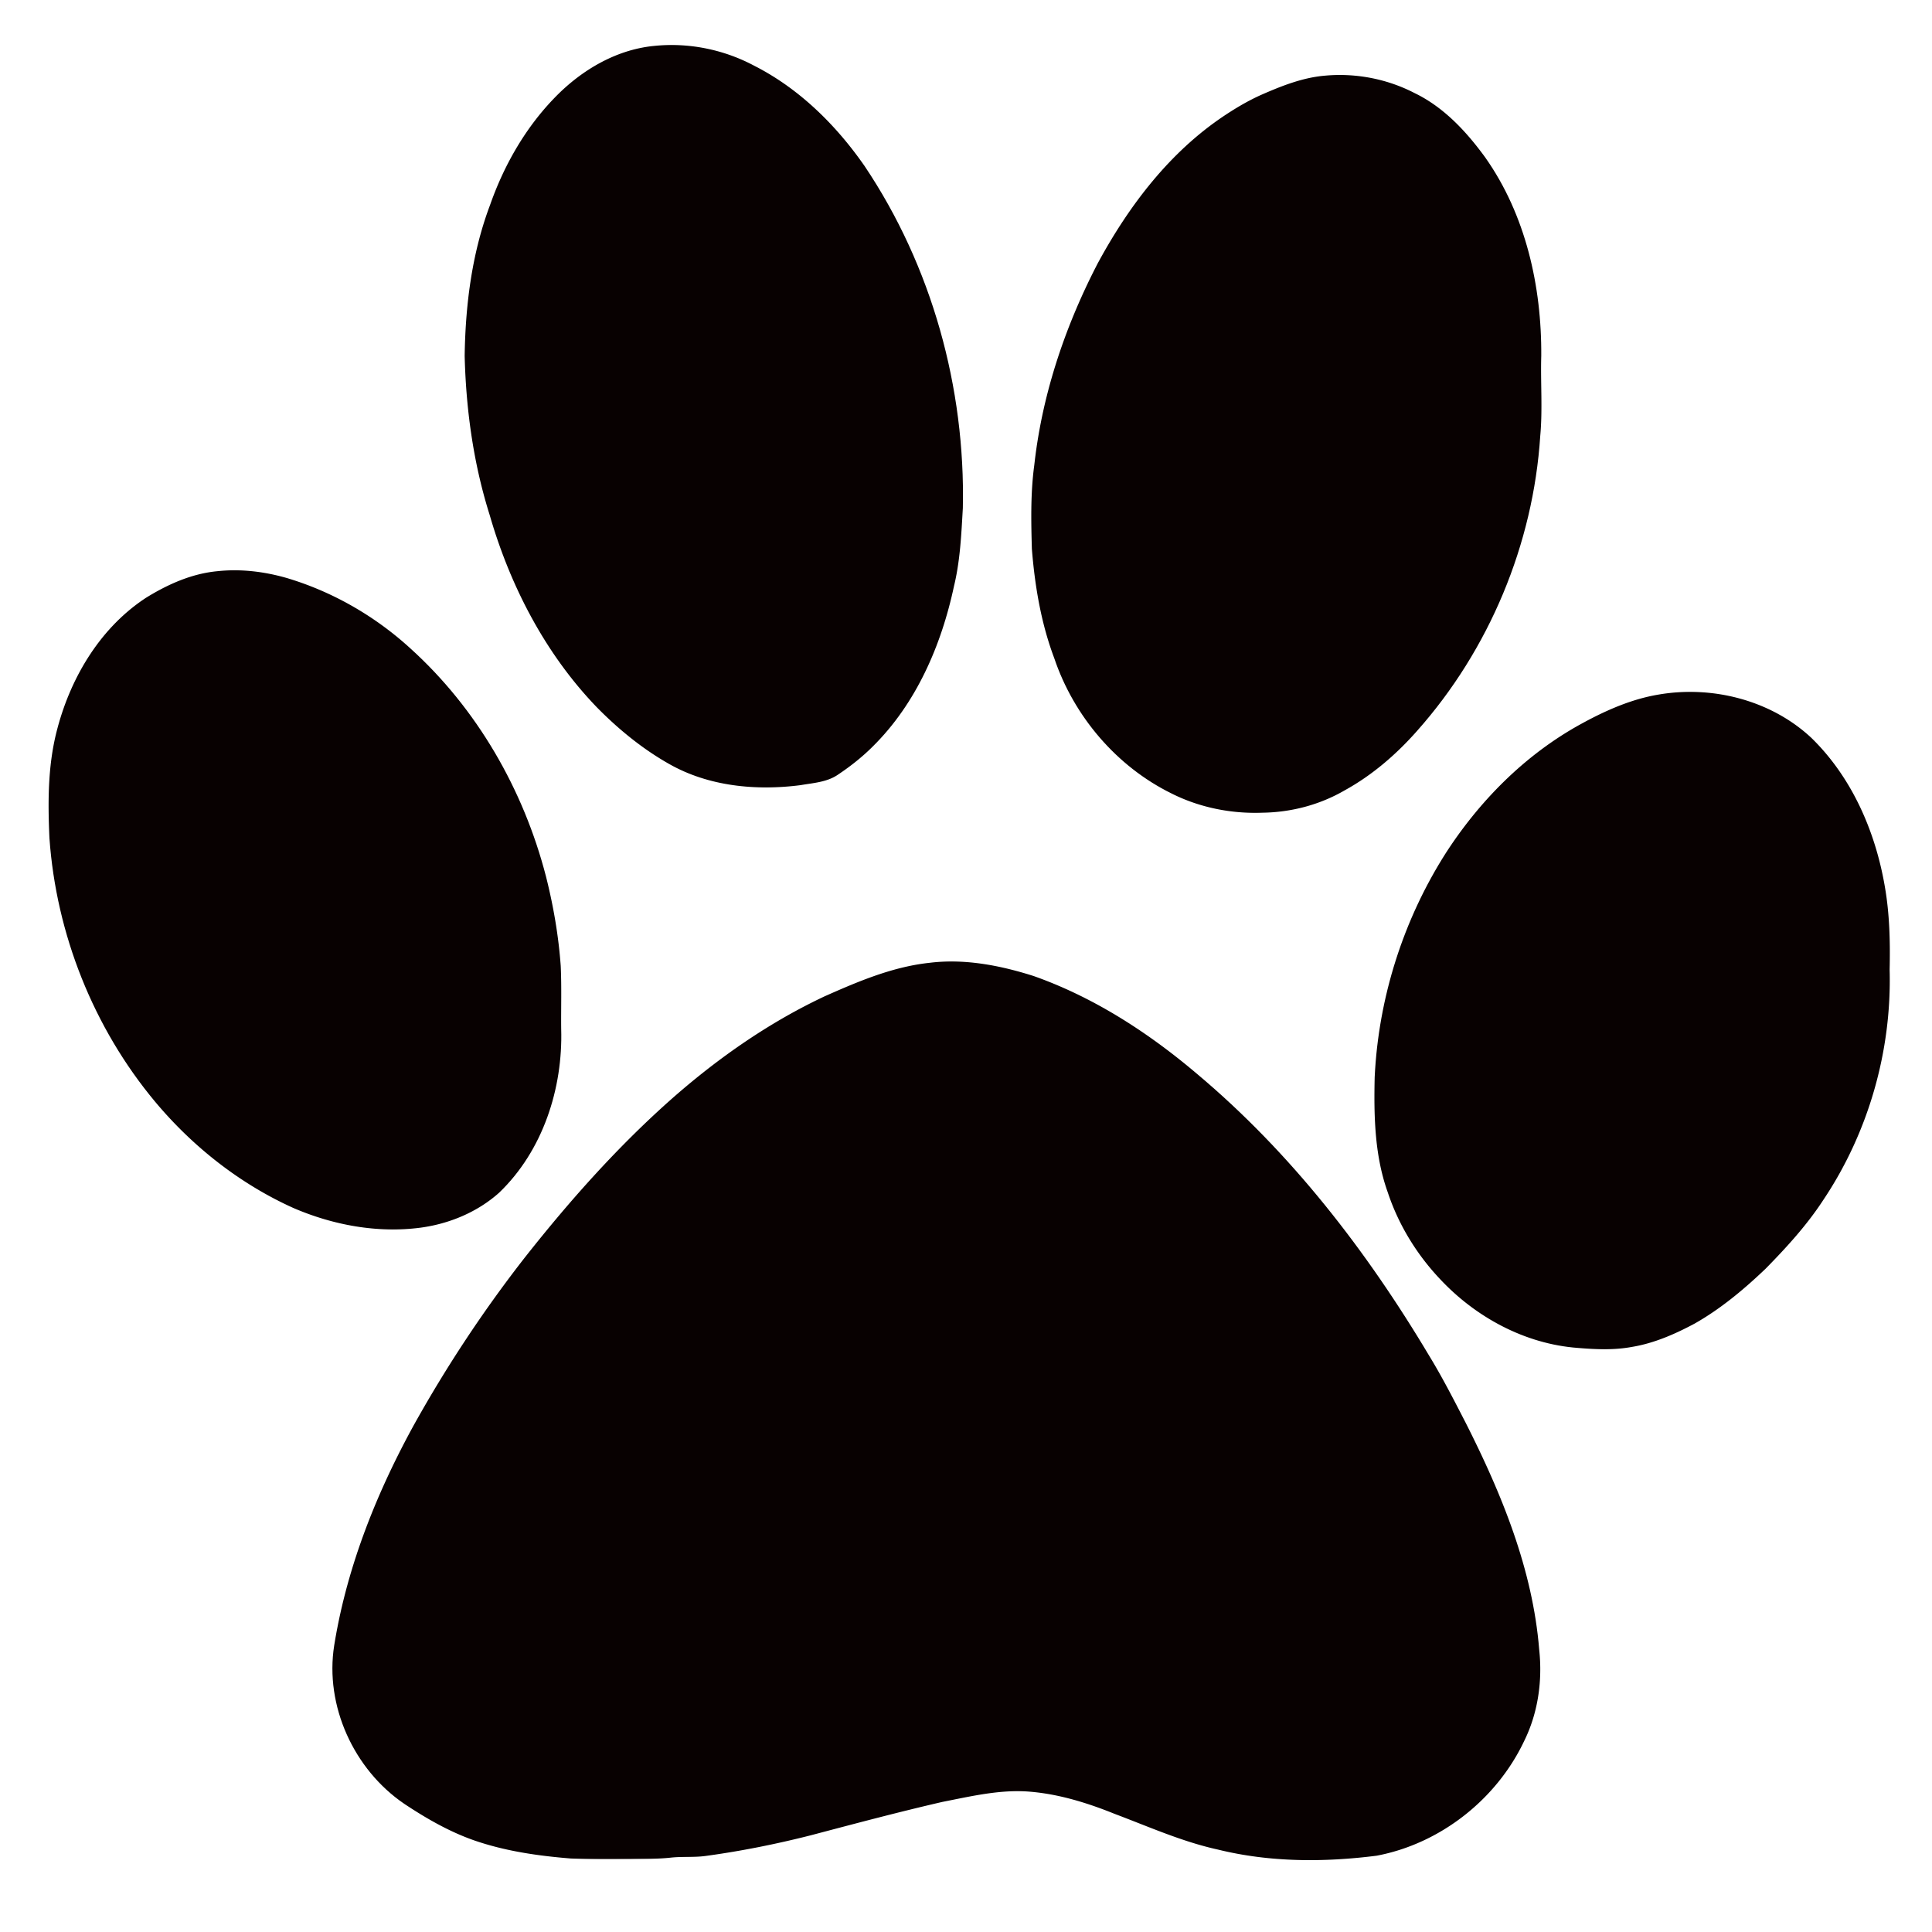 Cat Paws Clip Art - ClipartFest-Cat paws clip art - ClipartFest-9